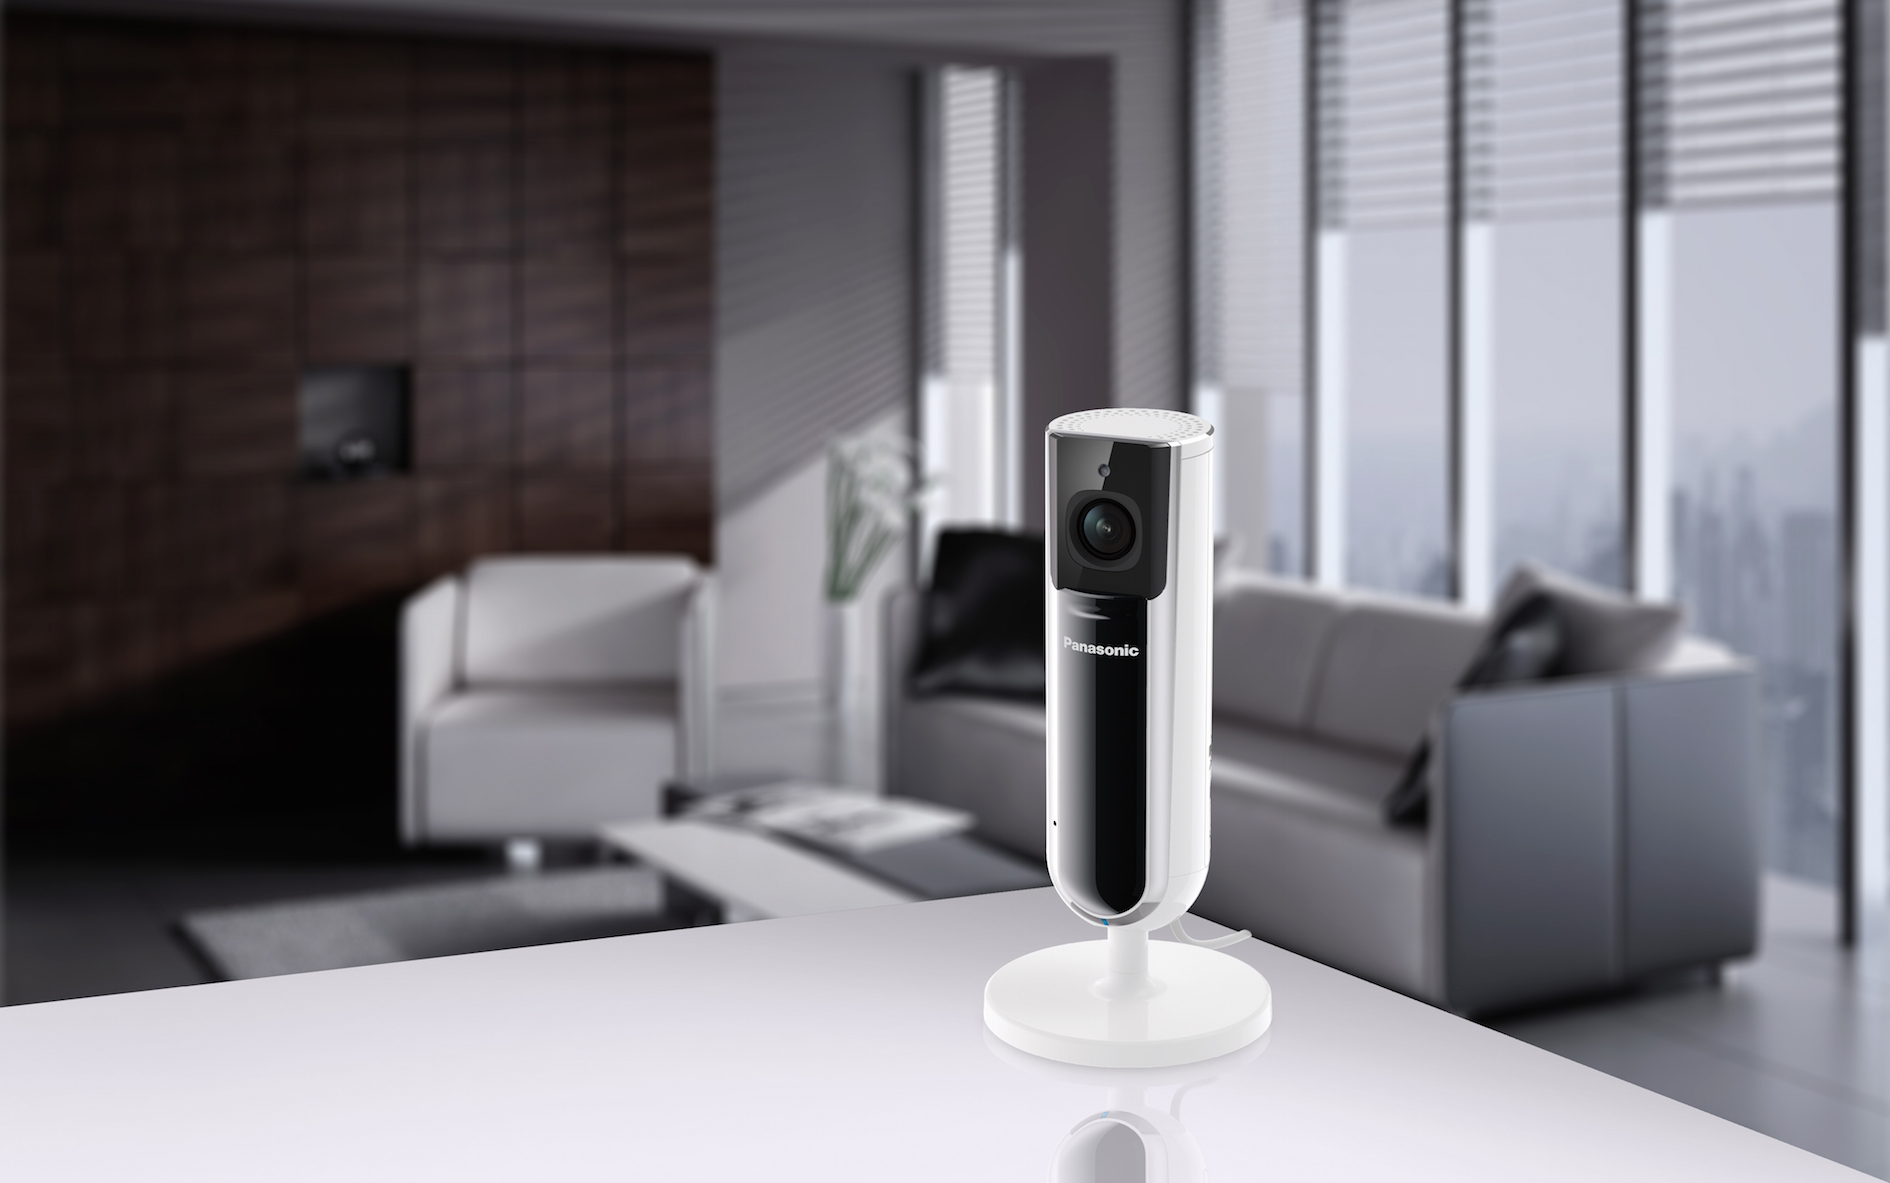 panasonic hd-kamera für mehr sicherheit zuhause - insidenews